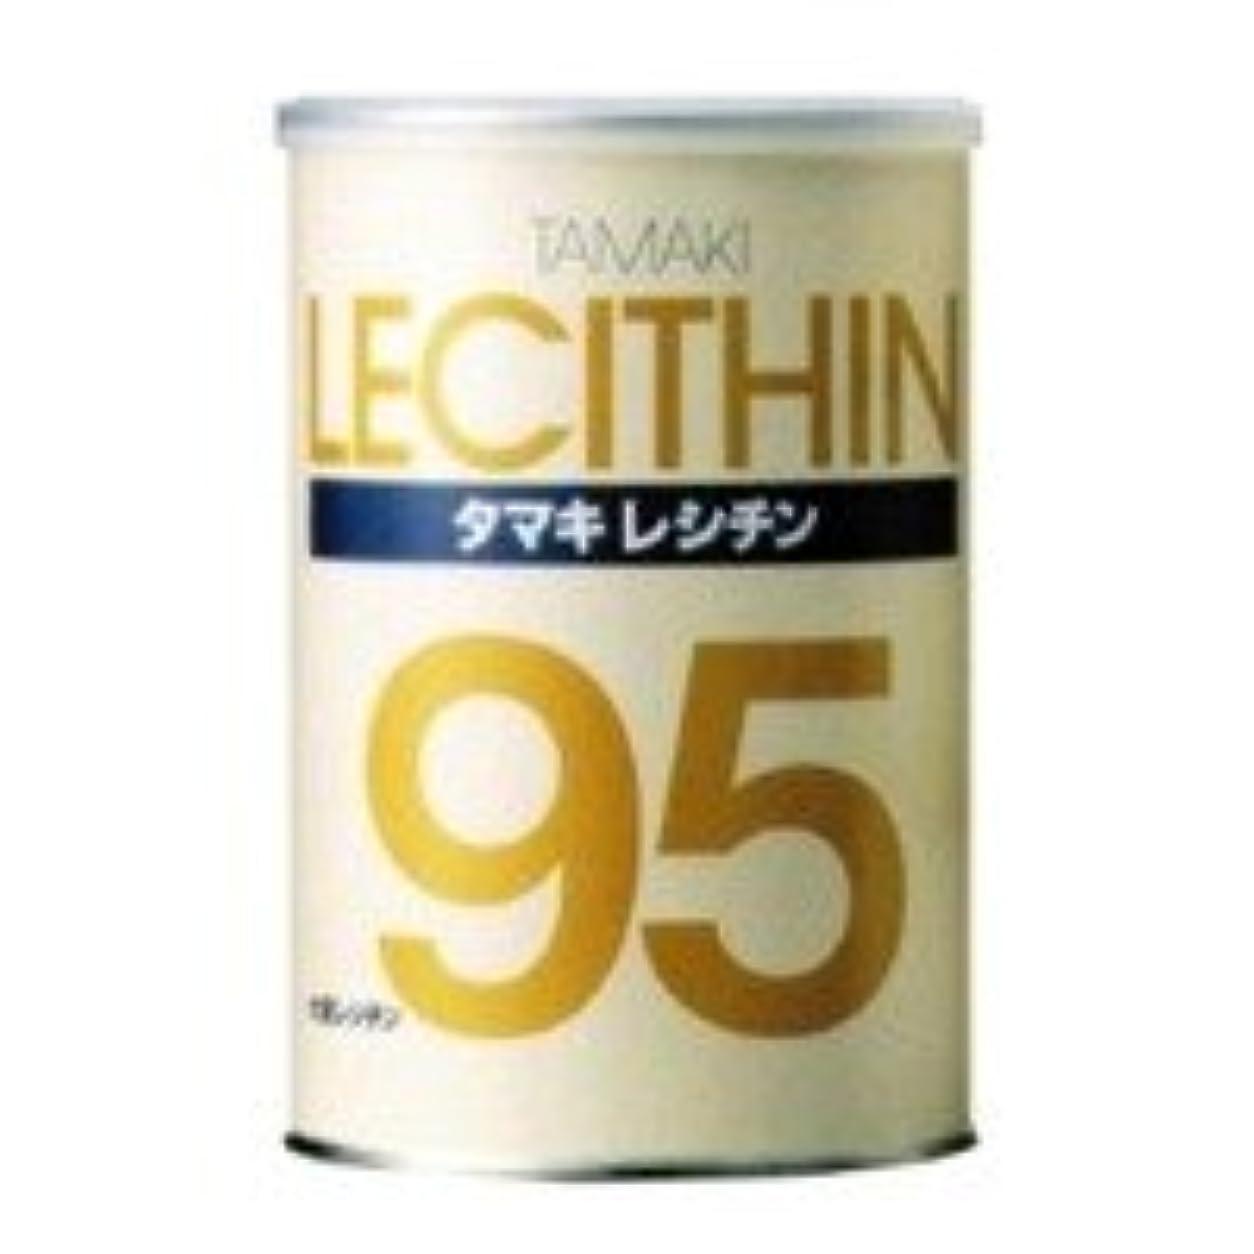 とにかく出会い幸運玉樹 レシチン 500g